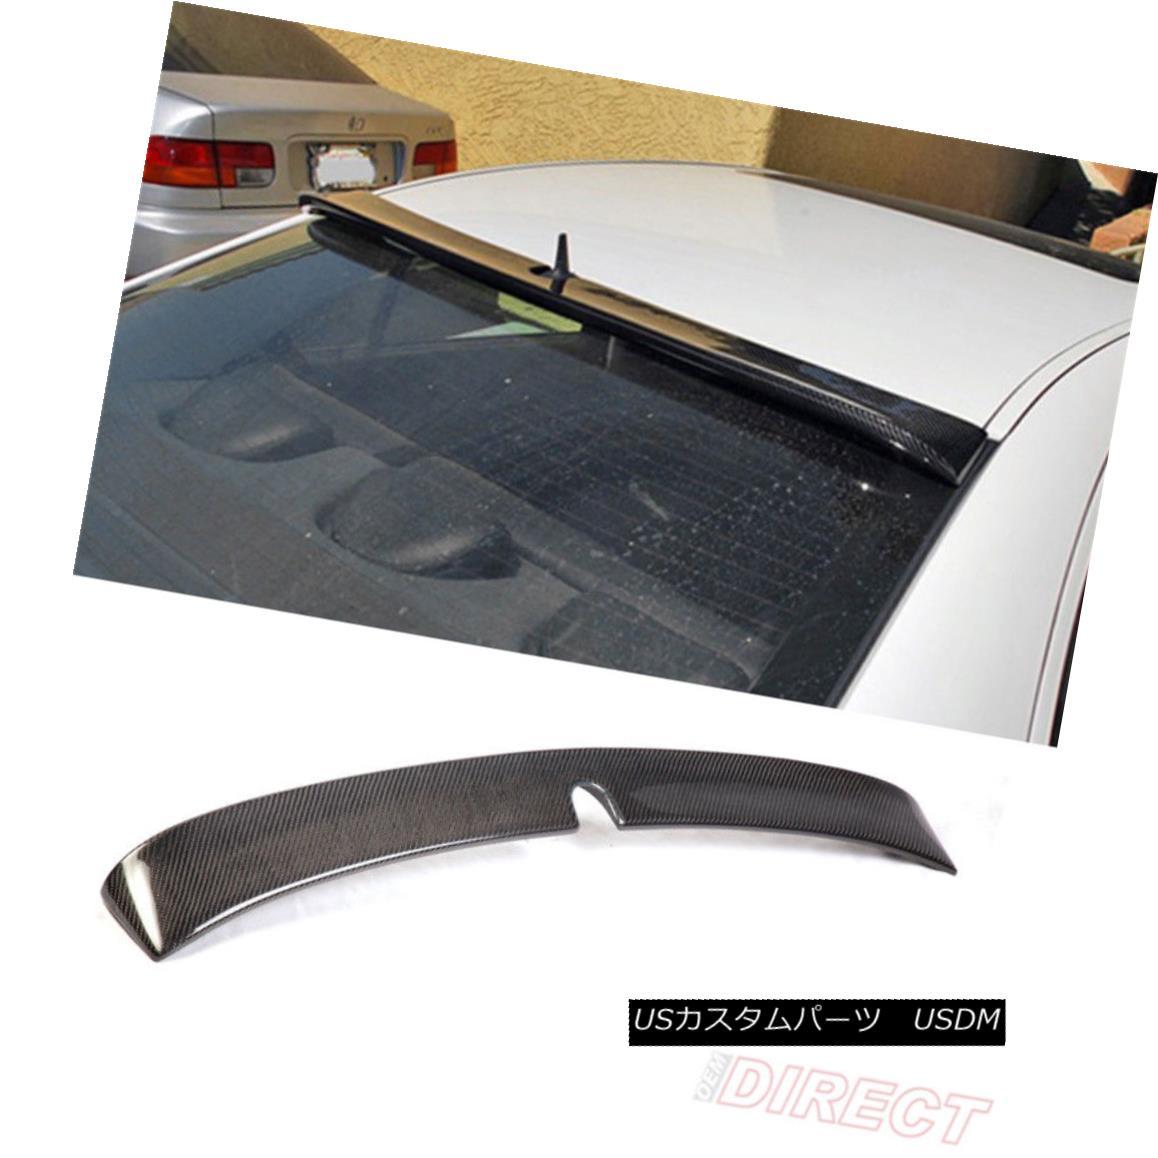 エアロパーツ 03-05 Benz E-Class W211 Roof Spoiler - Carbon Fiber CF 03-05ベンツEクラスW211ルーフスポイラー - 炭素繊維CF